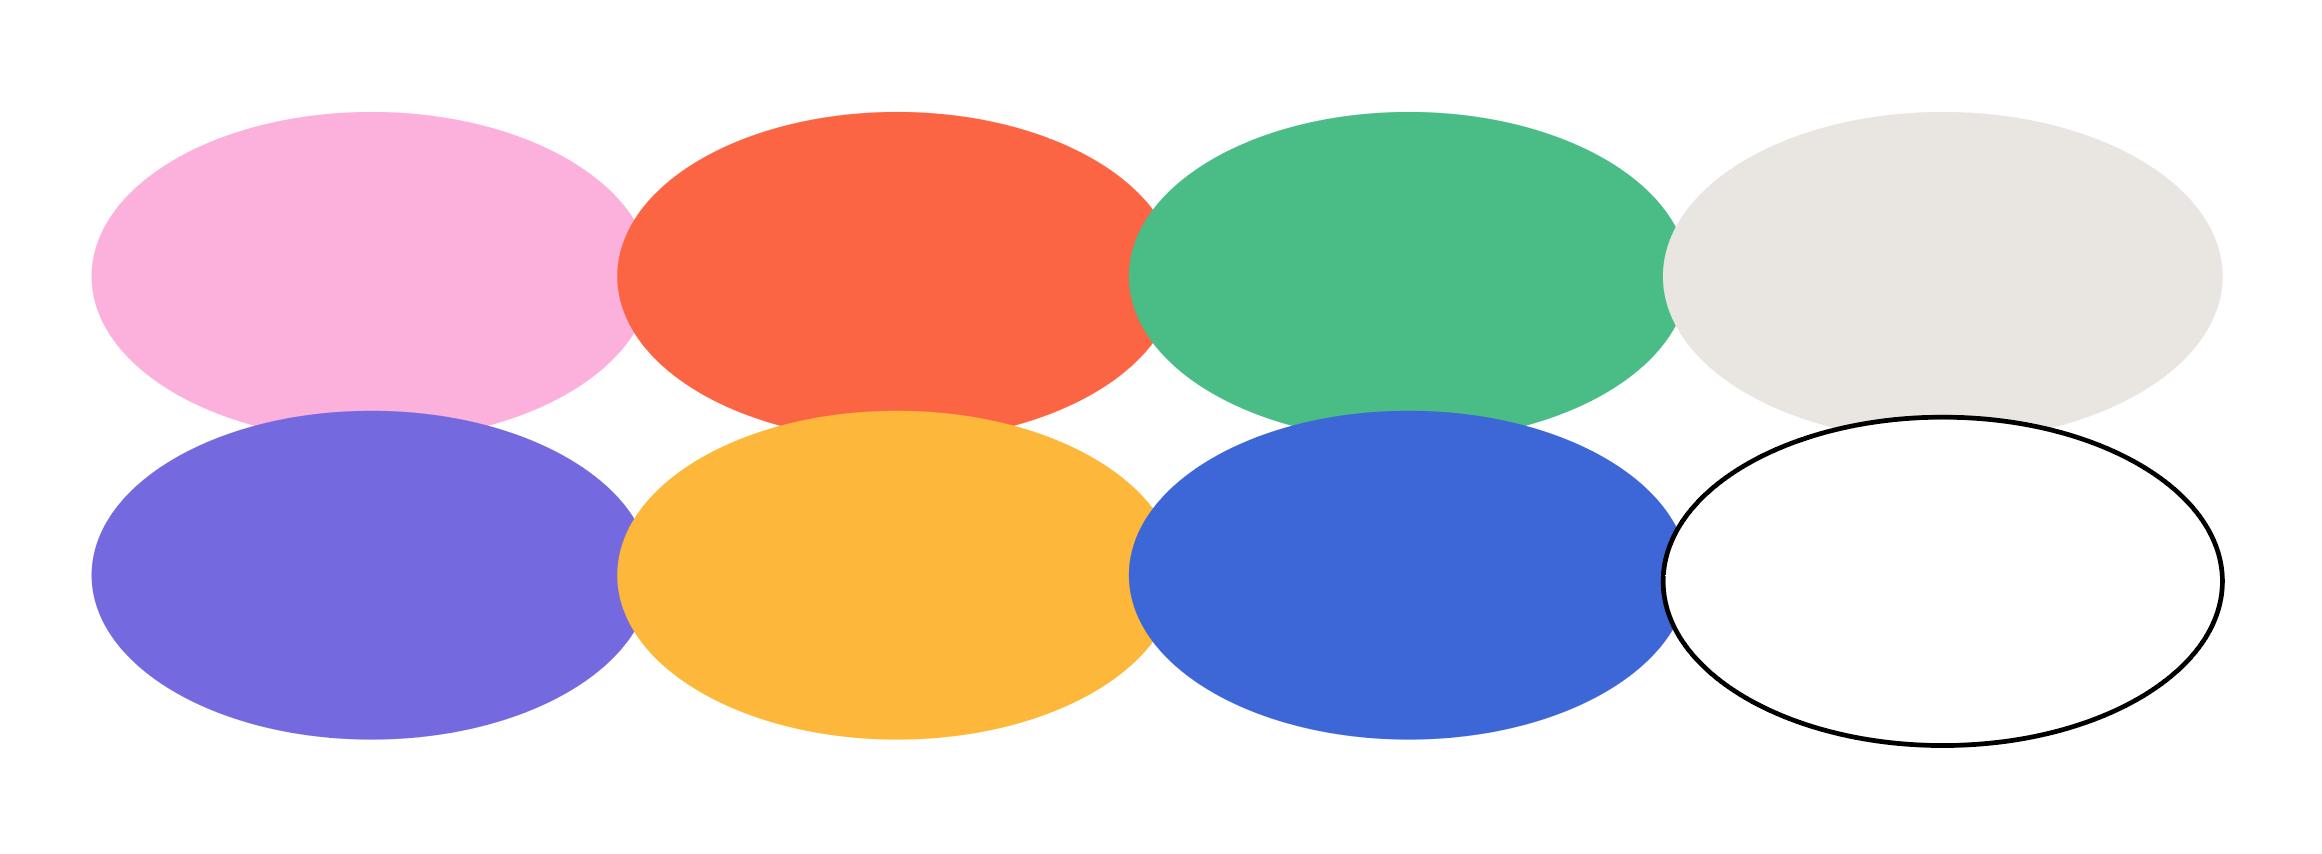 Final color palette selection